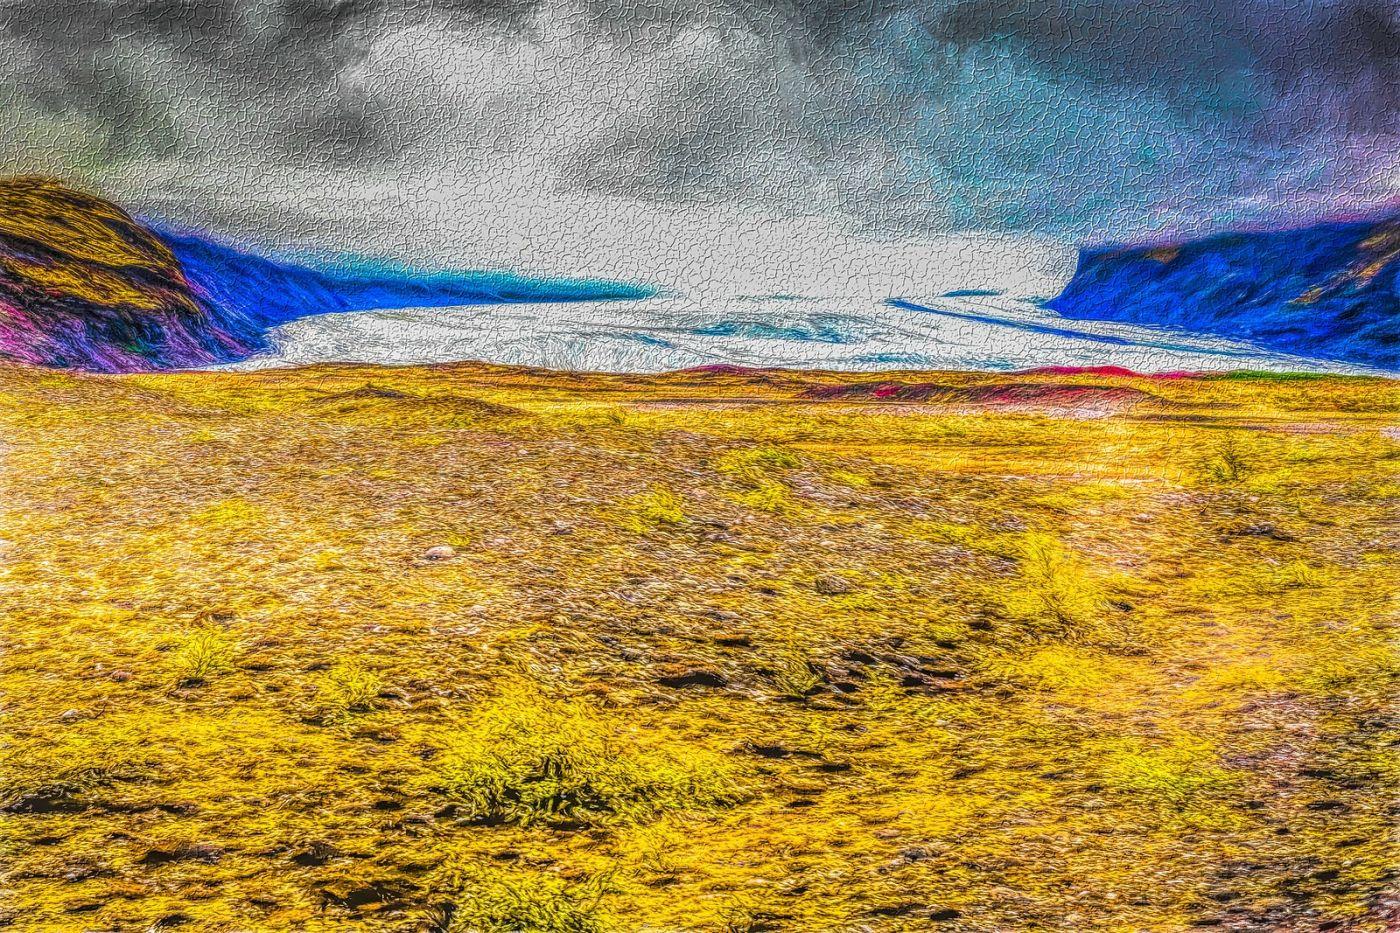 冰岛风采,新的感觉_图1-25